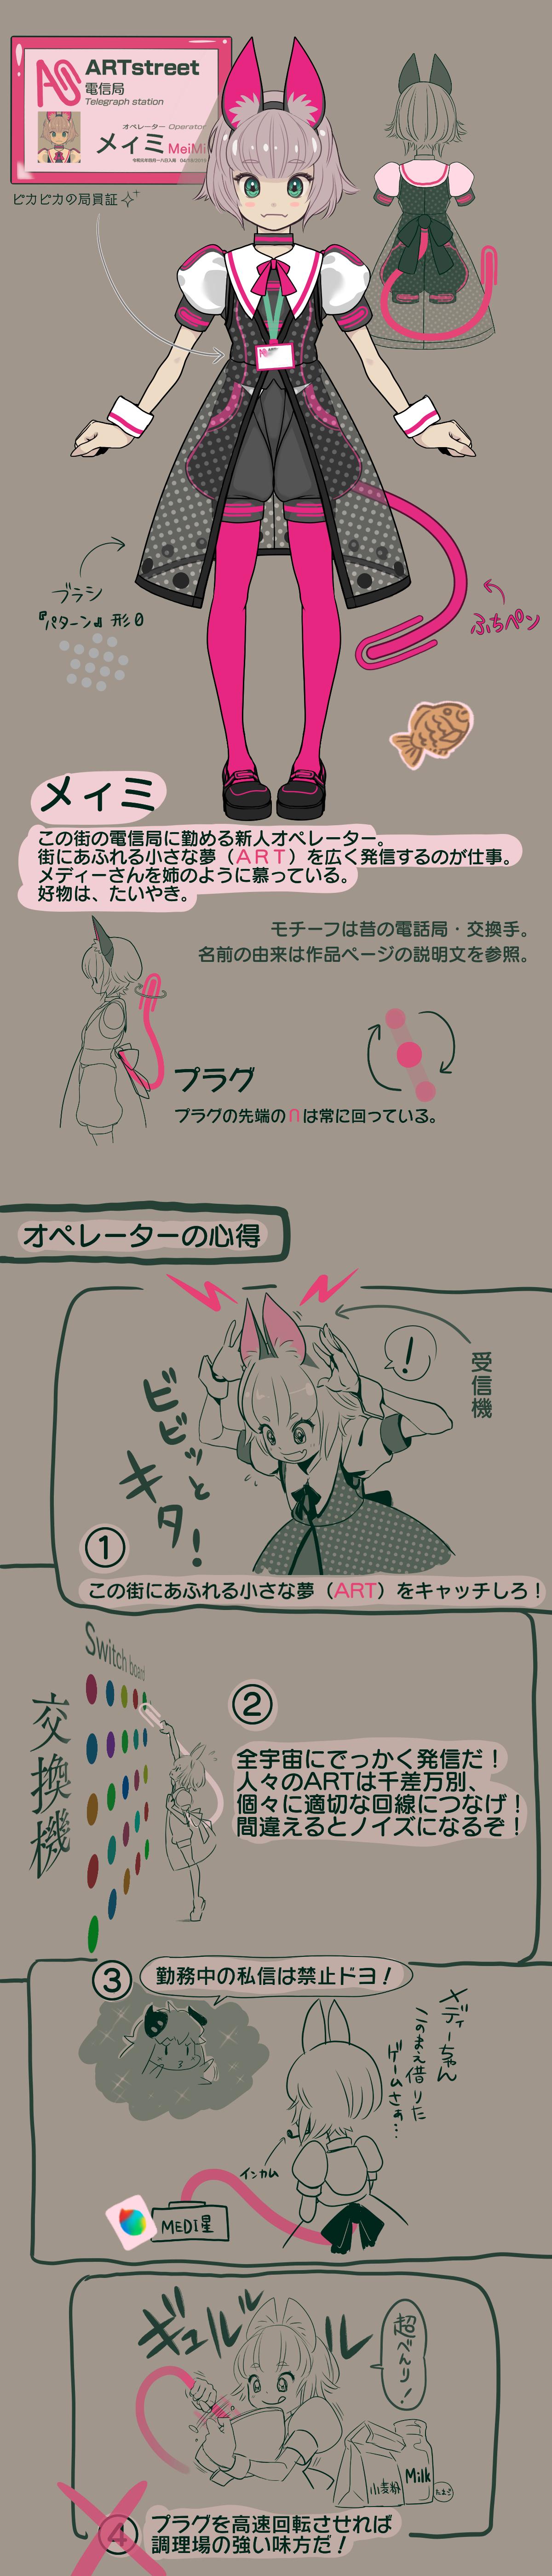 MeiMi/Tow Tateoka